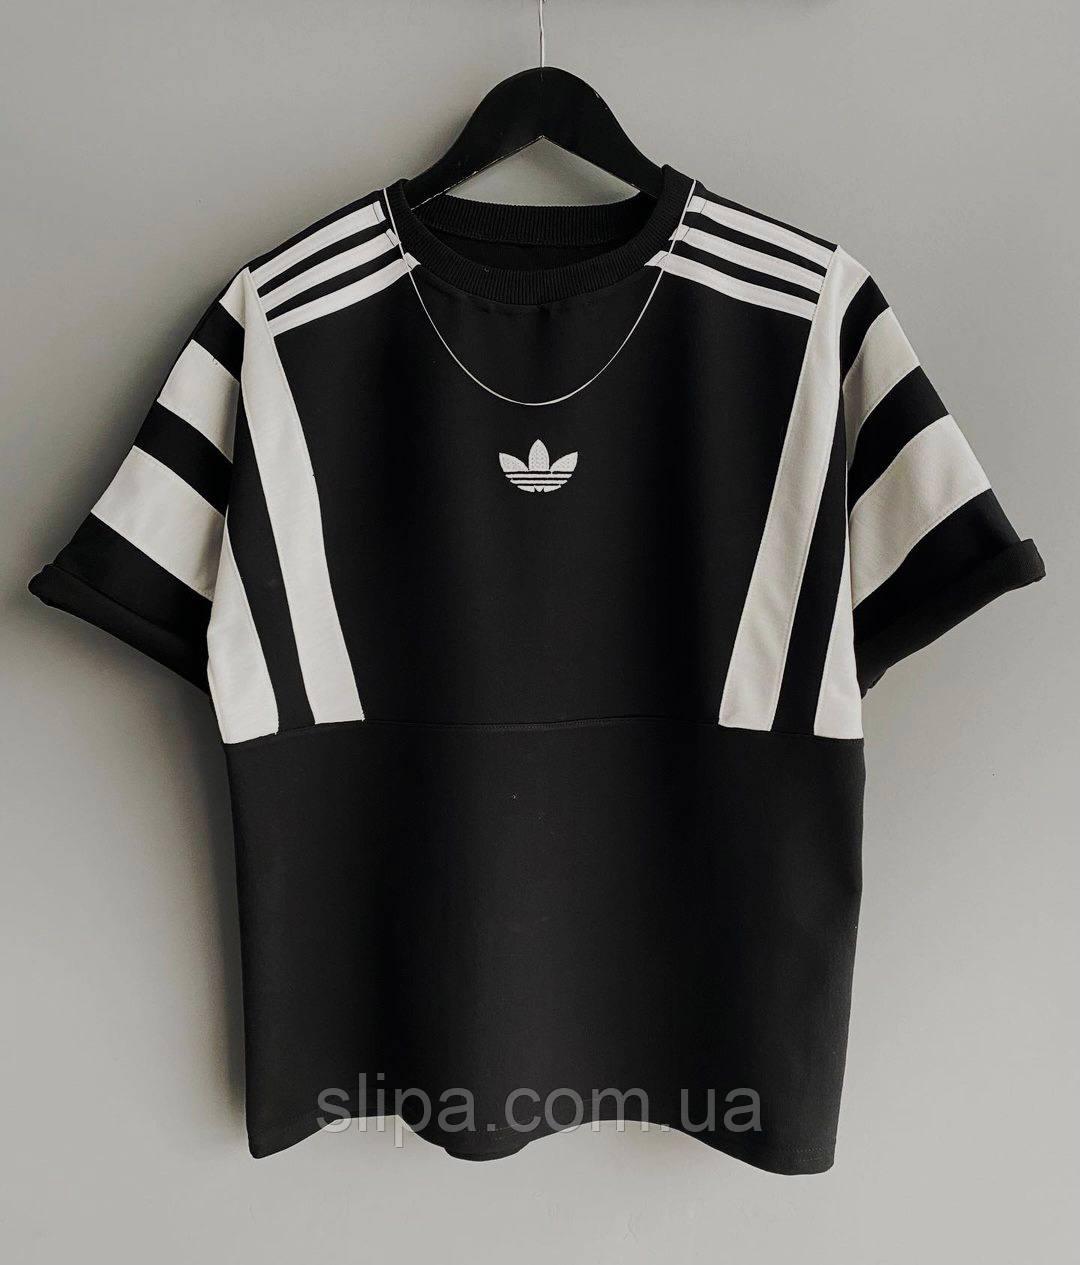 Чорна чоловіча футболка Adidas з білими вставками | Туреччина | оверсайз